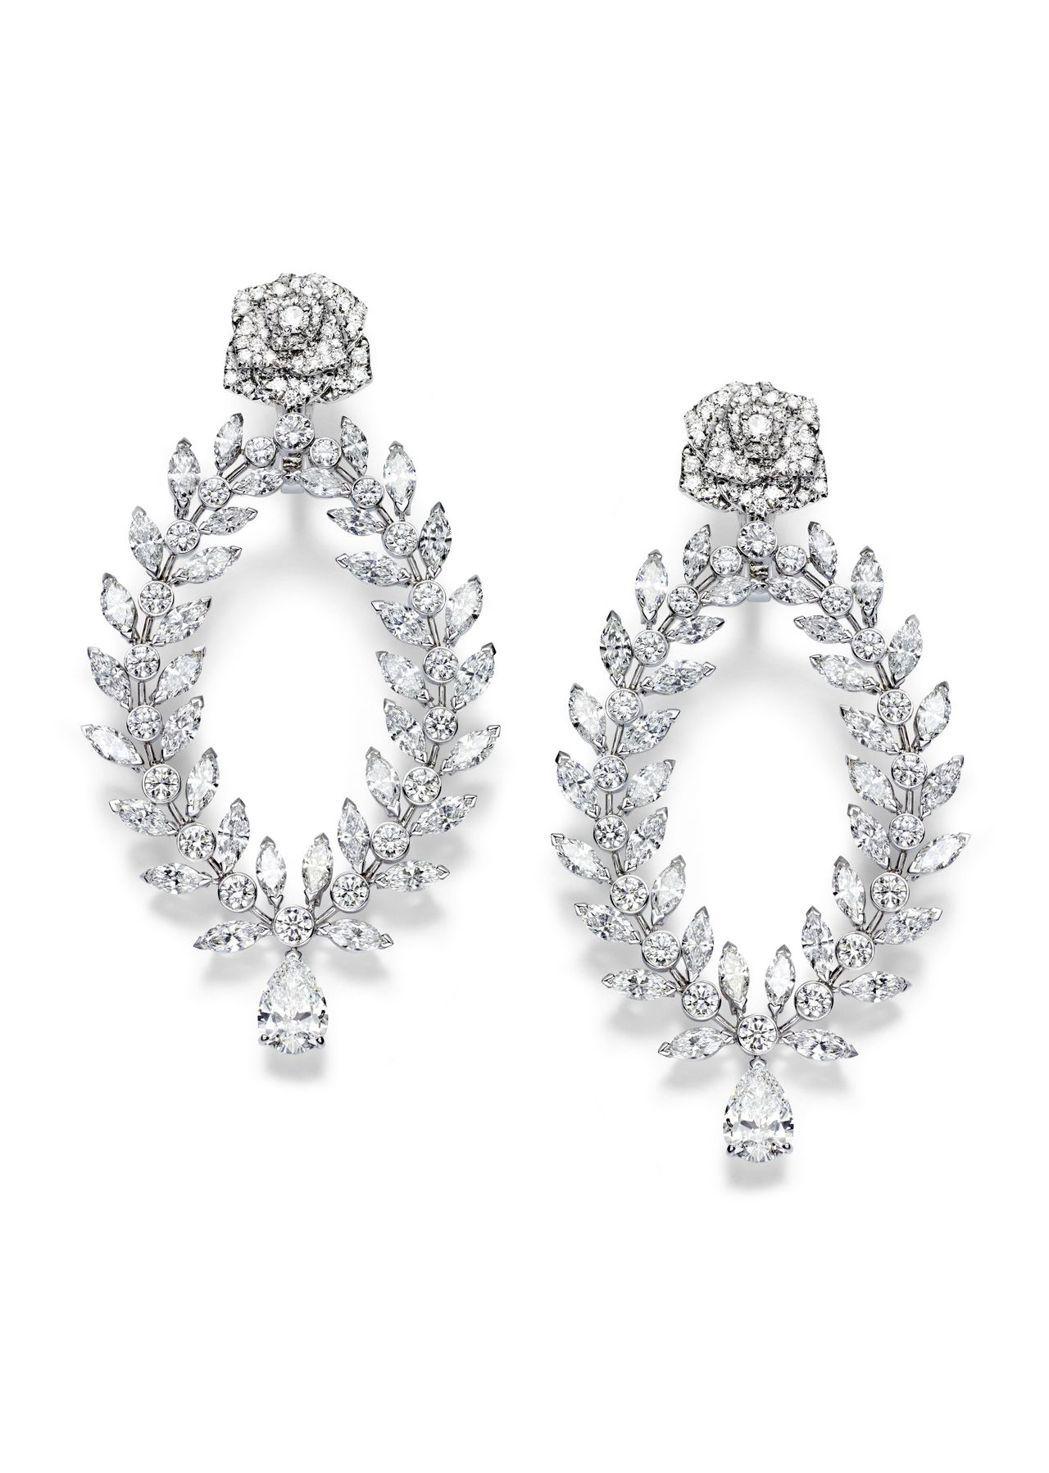 潔西卡雀斯坦配戴的Limelight Rose Passion 高級珠寶耳環,9...